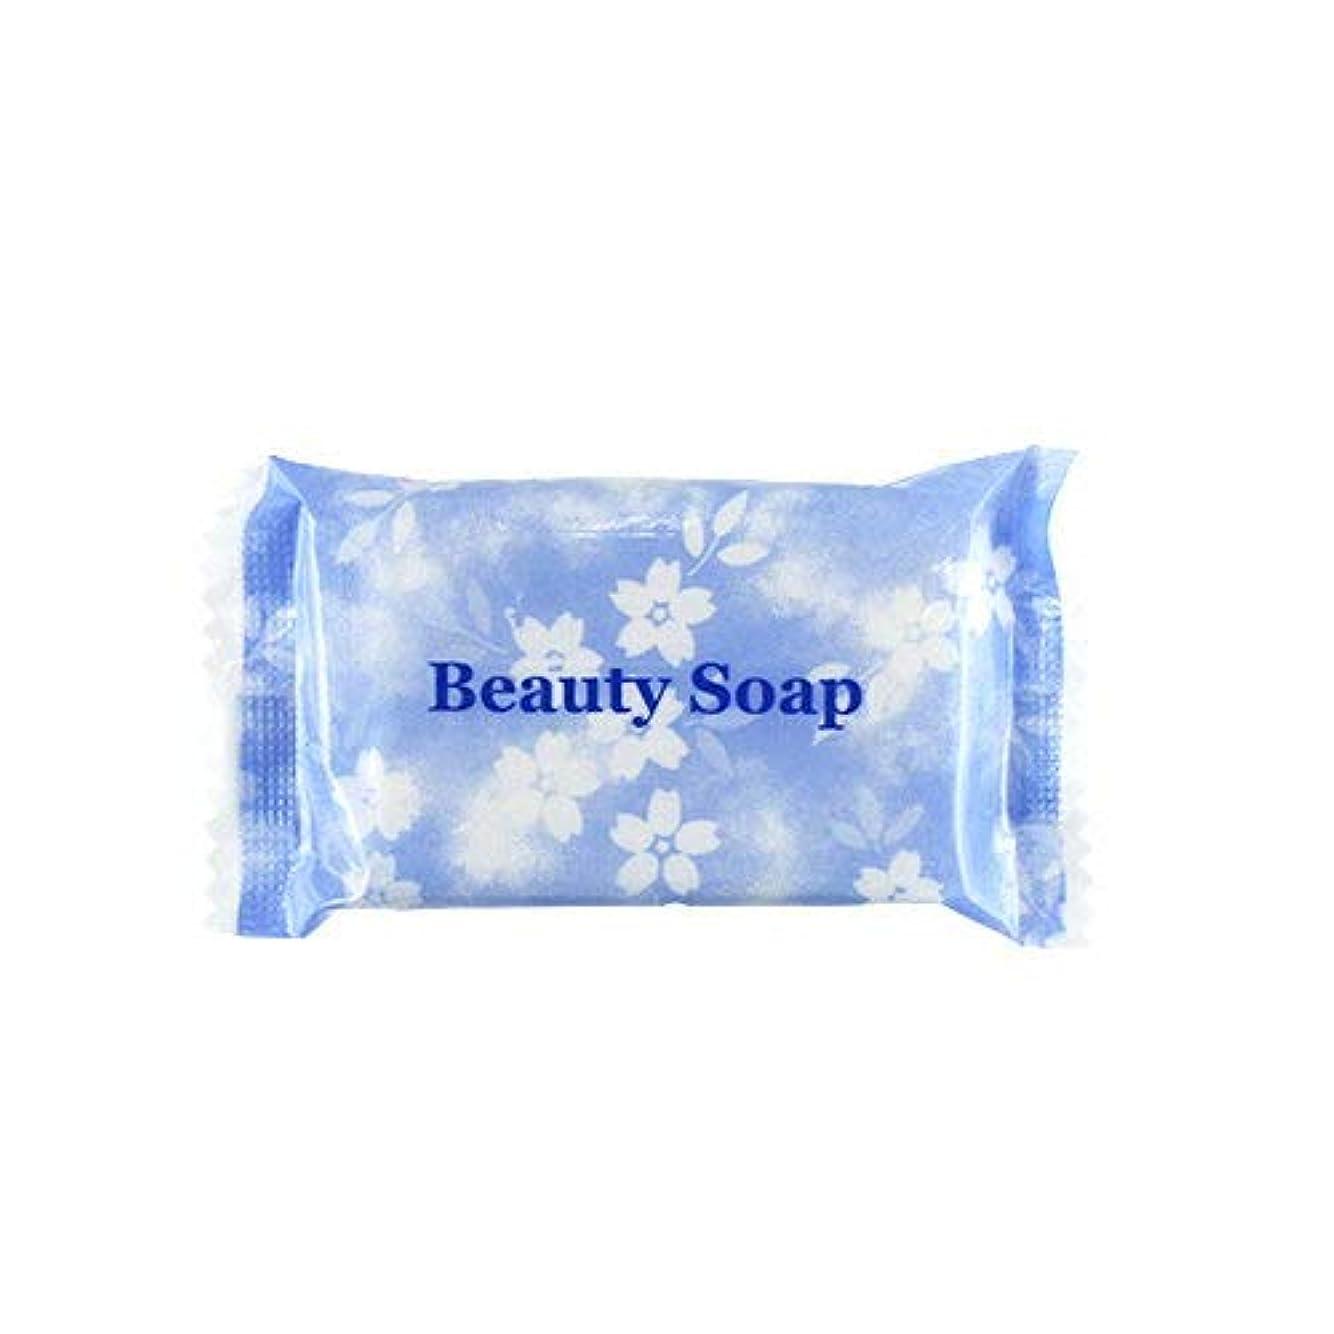 事実授業料数業務用 クロバーコーポレーション ビューティーソープ(Beauty Soap) 15g×20個セット | ホテルアメニティ 個包装